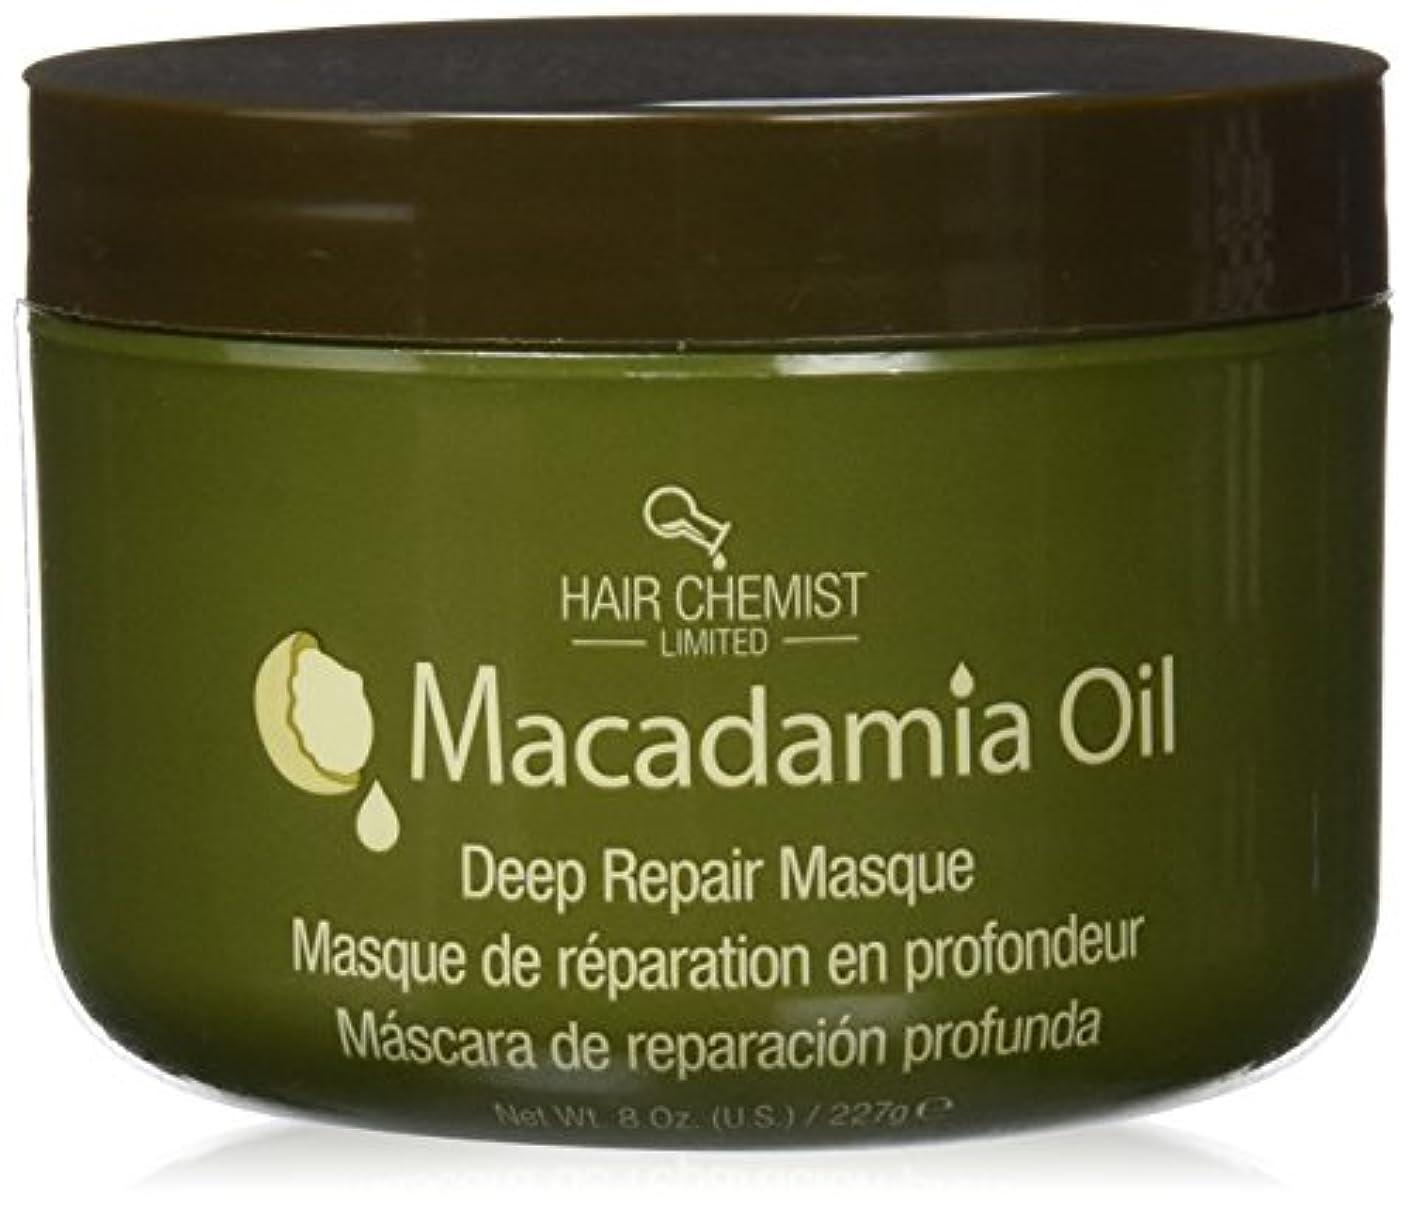 熟す驚かす乳白色Hair Chemist ヘアマスク マカダミア オイル ディープリペアマスク 227g Macadamia Oil Deep Repair Mask 1434 New York